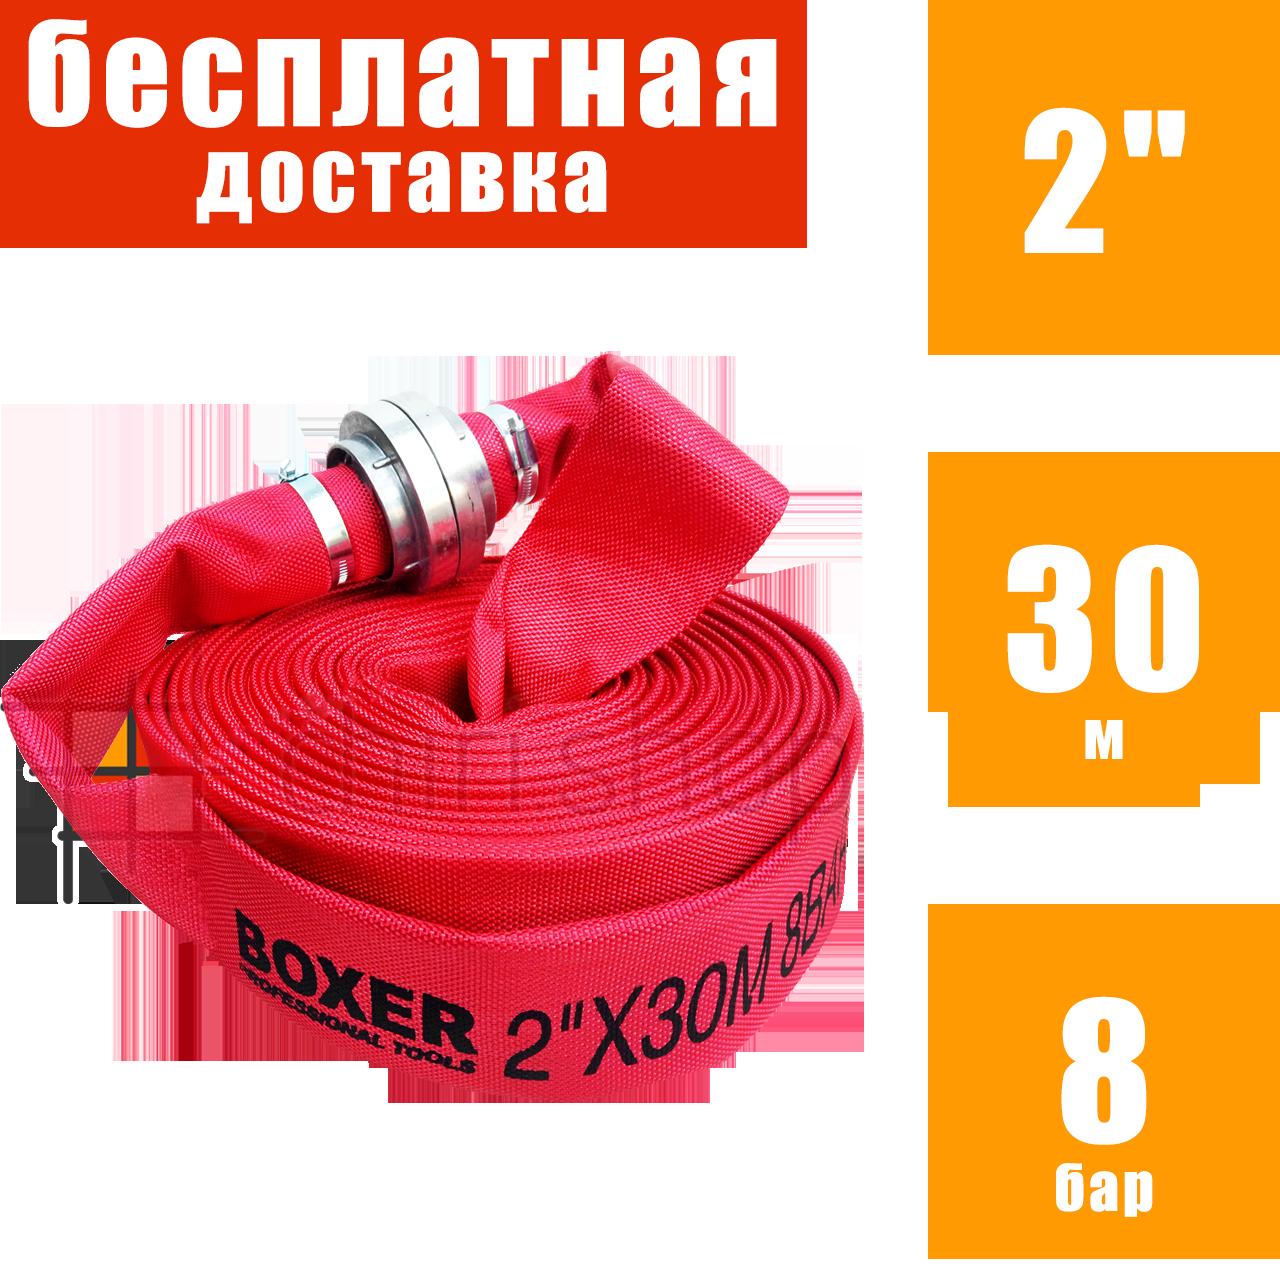 Рукав пожарный усиленный 30 м, с гайками, Boxer ГР-50 (51 мм), 8 бар, шланг для фекального насоса